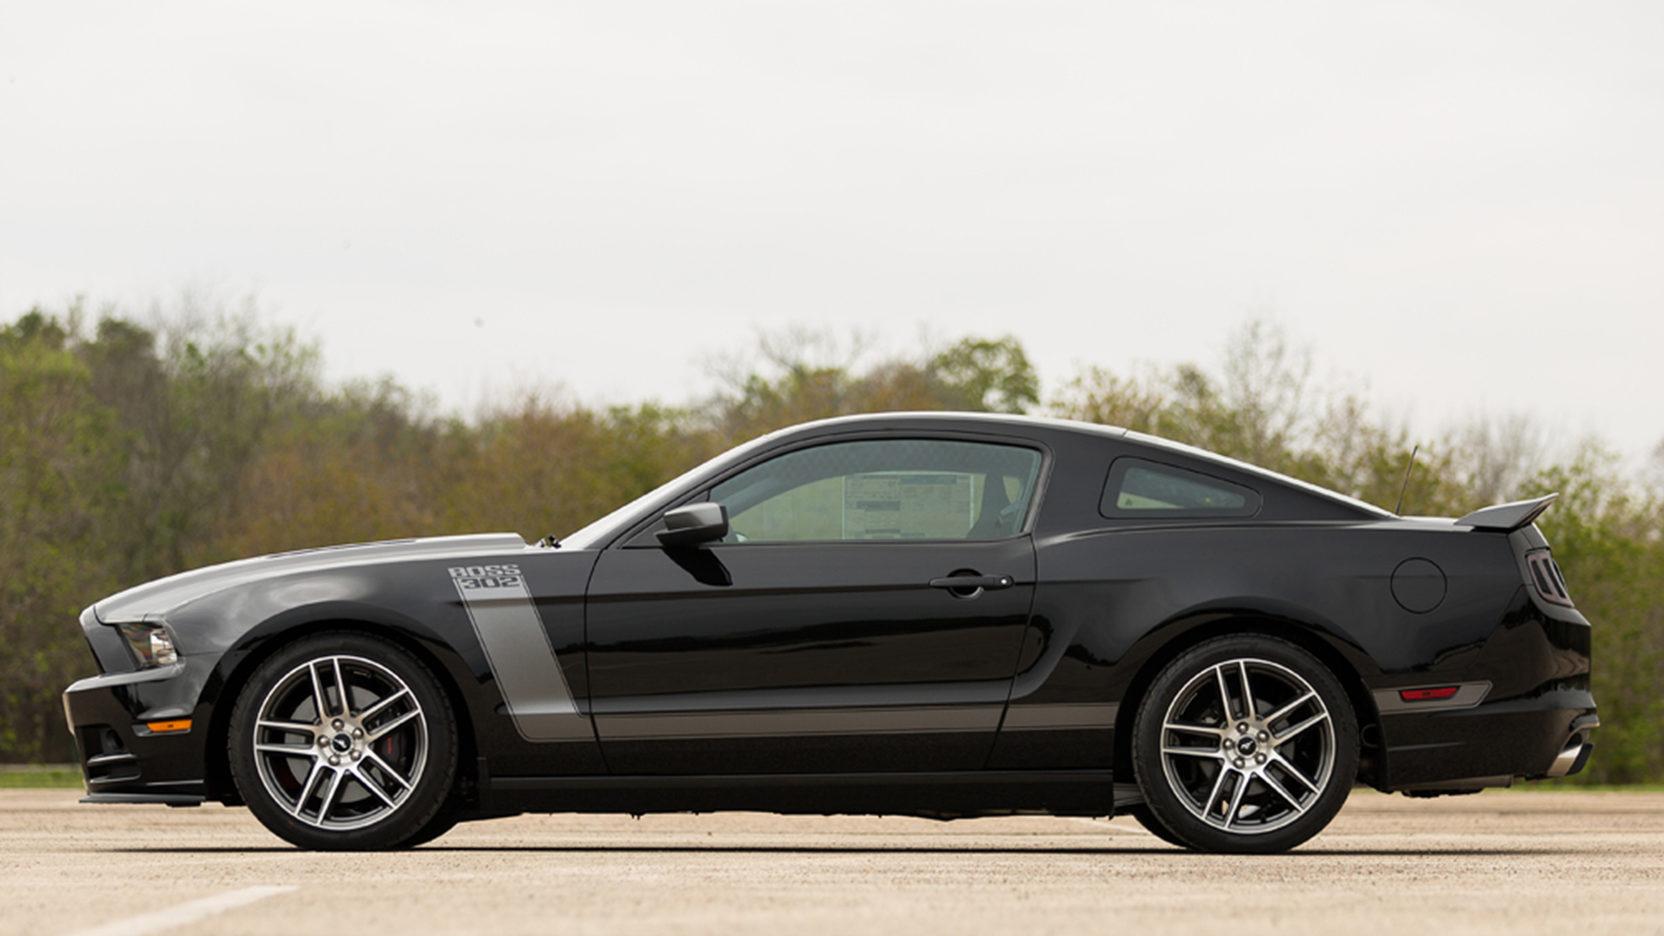 2013 Mustang Boss 302 Laguna Seca